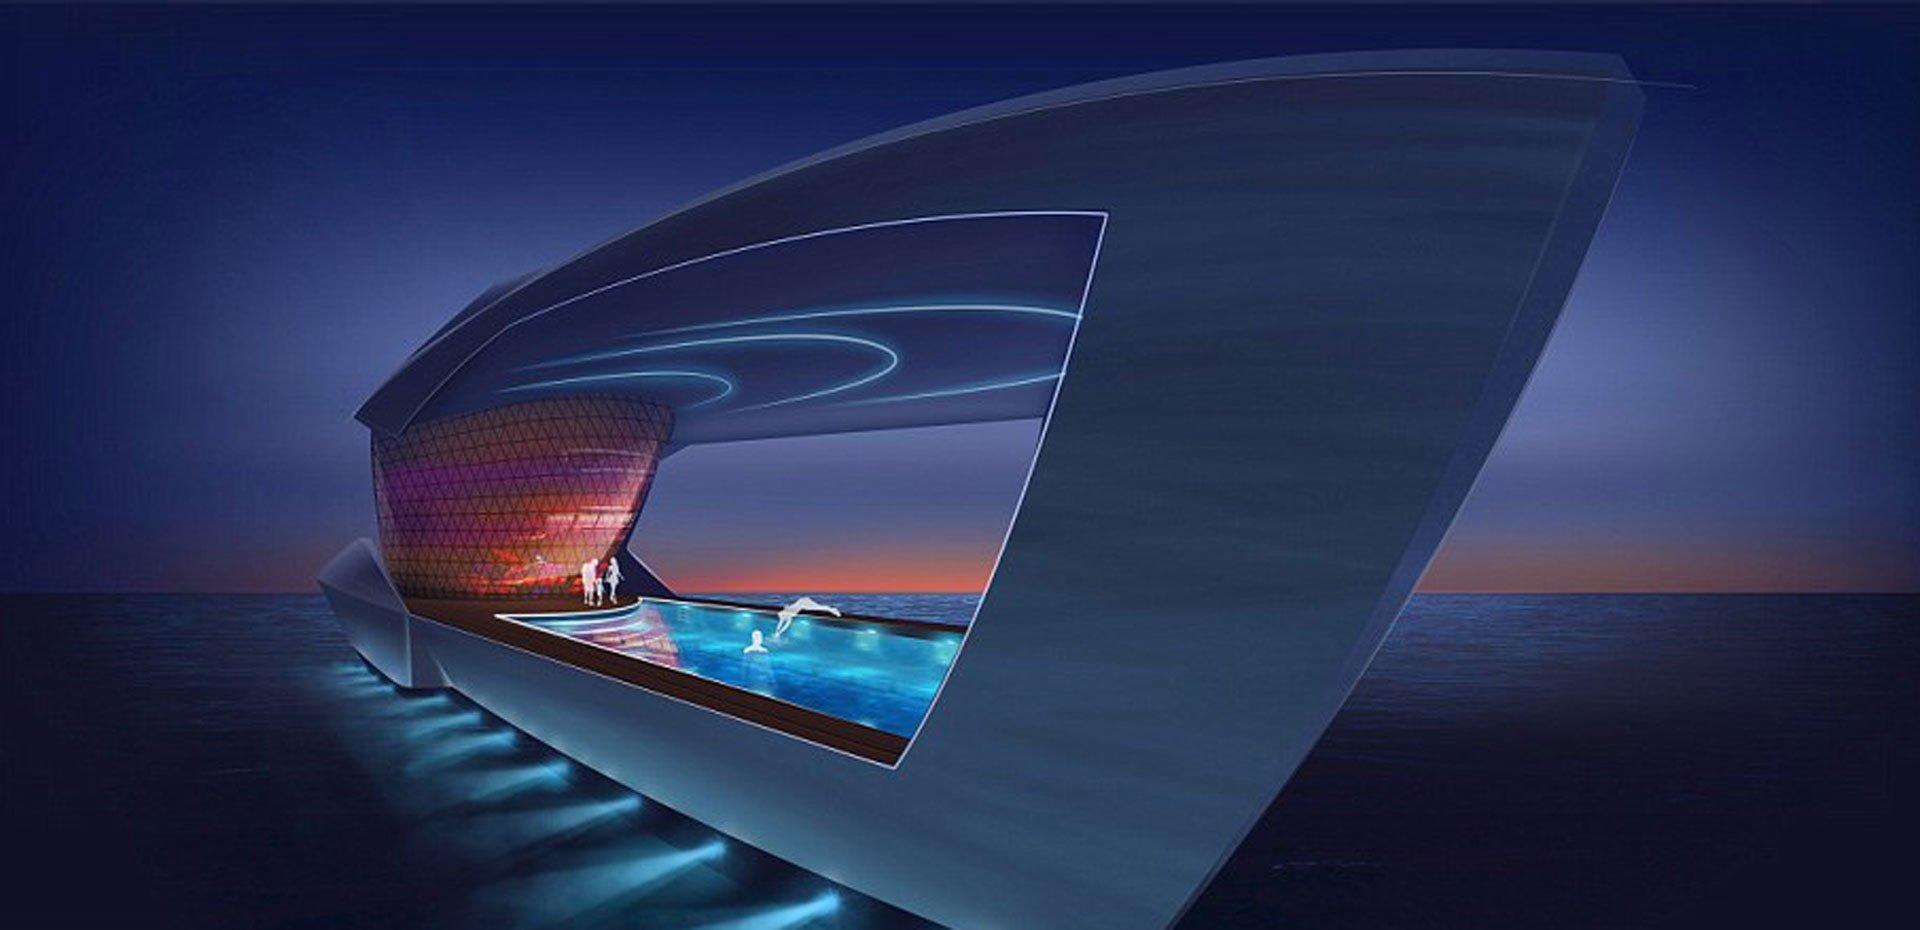 La piscina de 80 metros cuadrados de noche promete uno de los mejores momentos para sus pasajeros